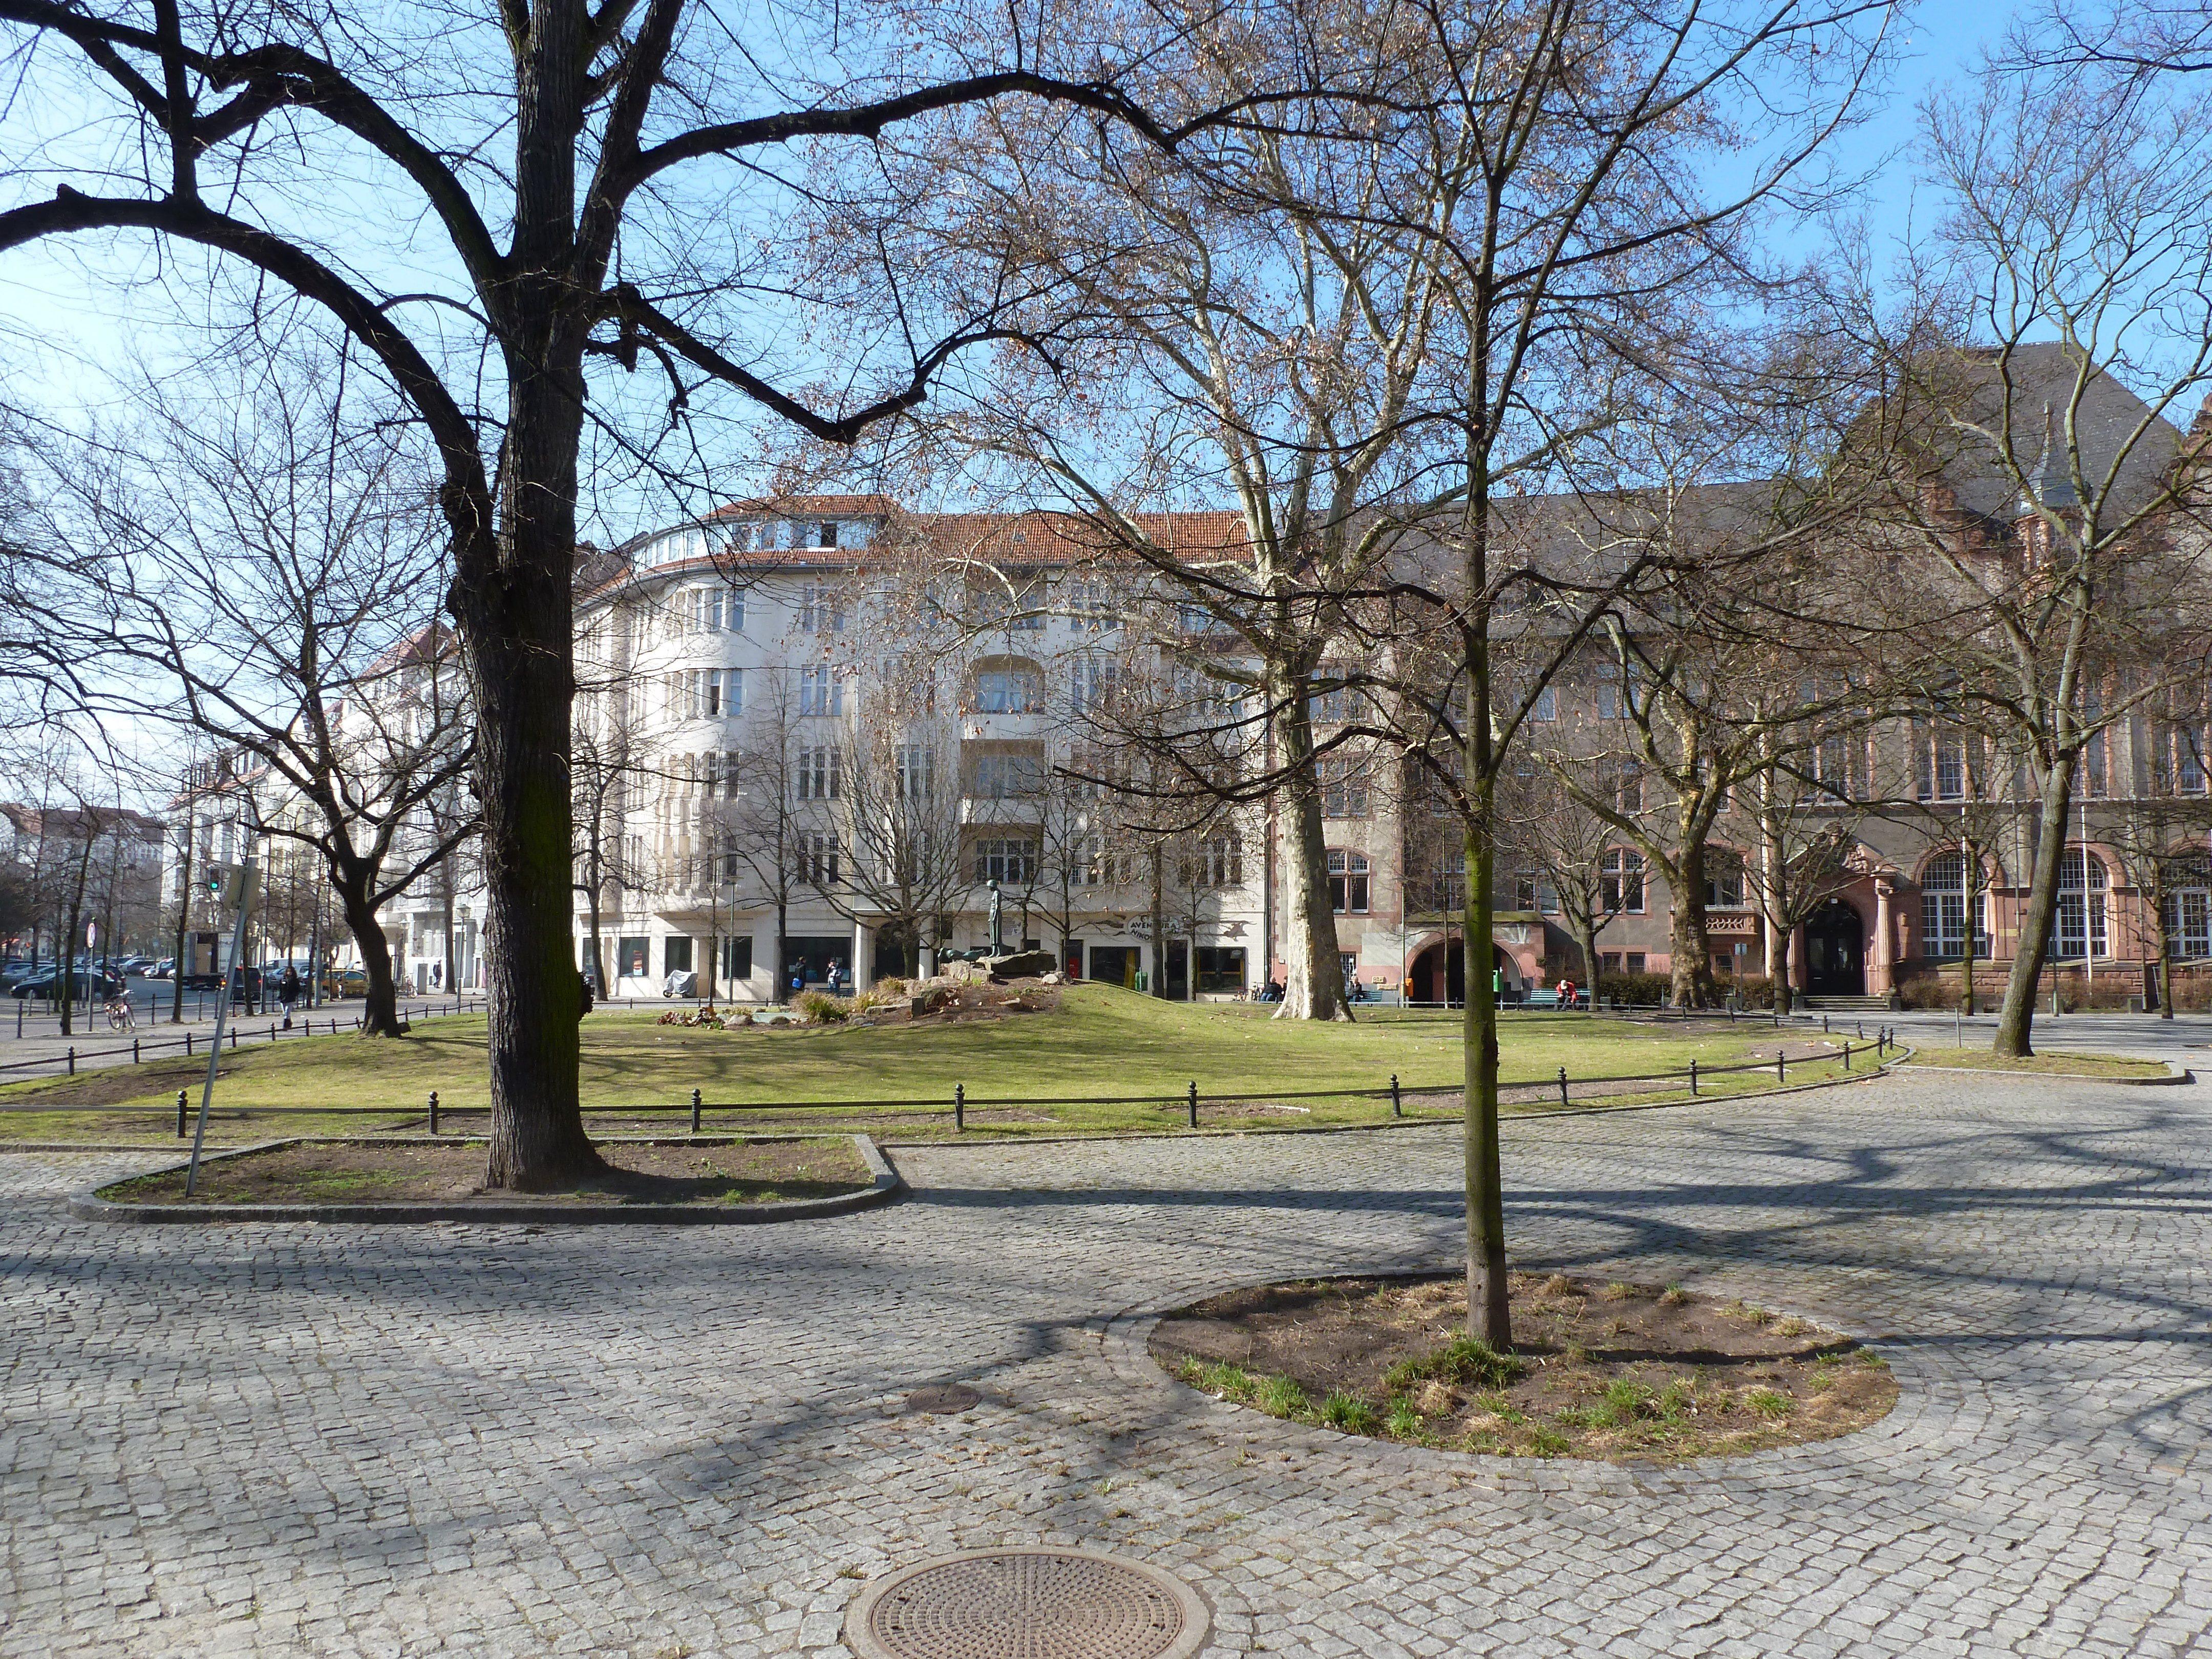 Der Nikolsburger Platz mit der Cecilien-Schule im Hintergrund, stellt einen Mittelpunkt des kleinen Kiezes dar. Hier kann man in den warmen Monaten viel Sonne tanken und vertraute Gesichter aus der Nachbarschaft zu einem kleinen Austausch über das Kiezgeschehen animieren.